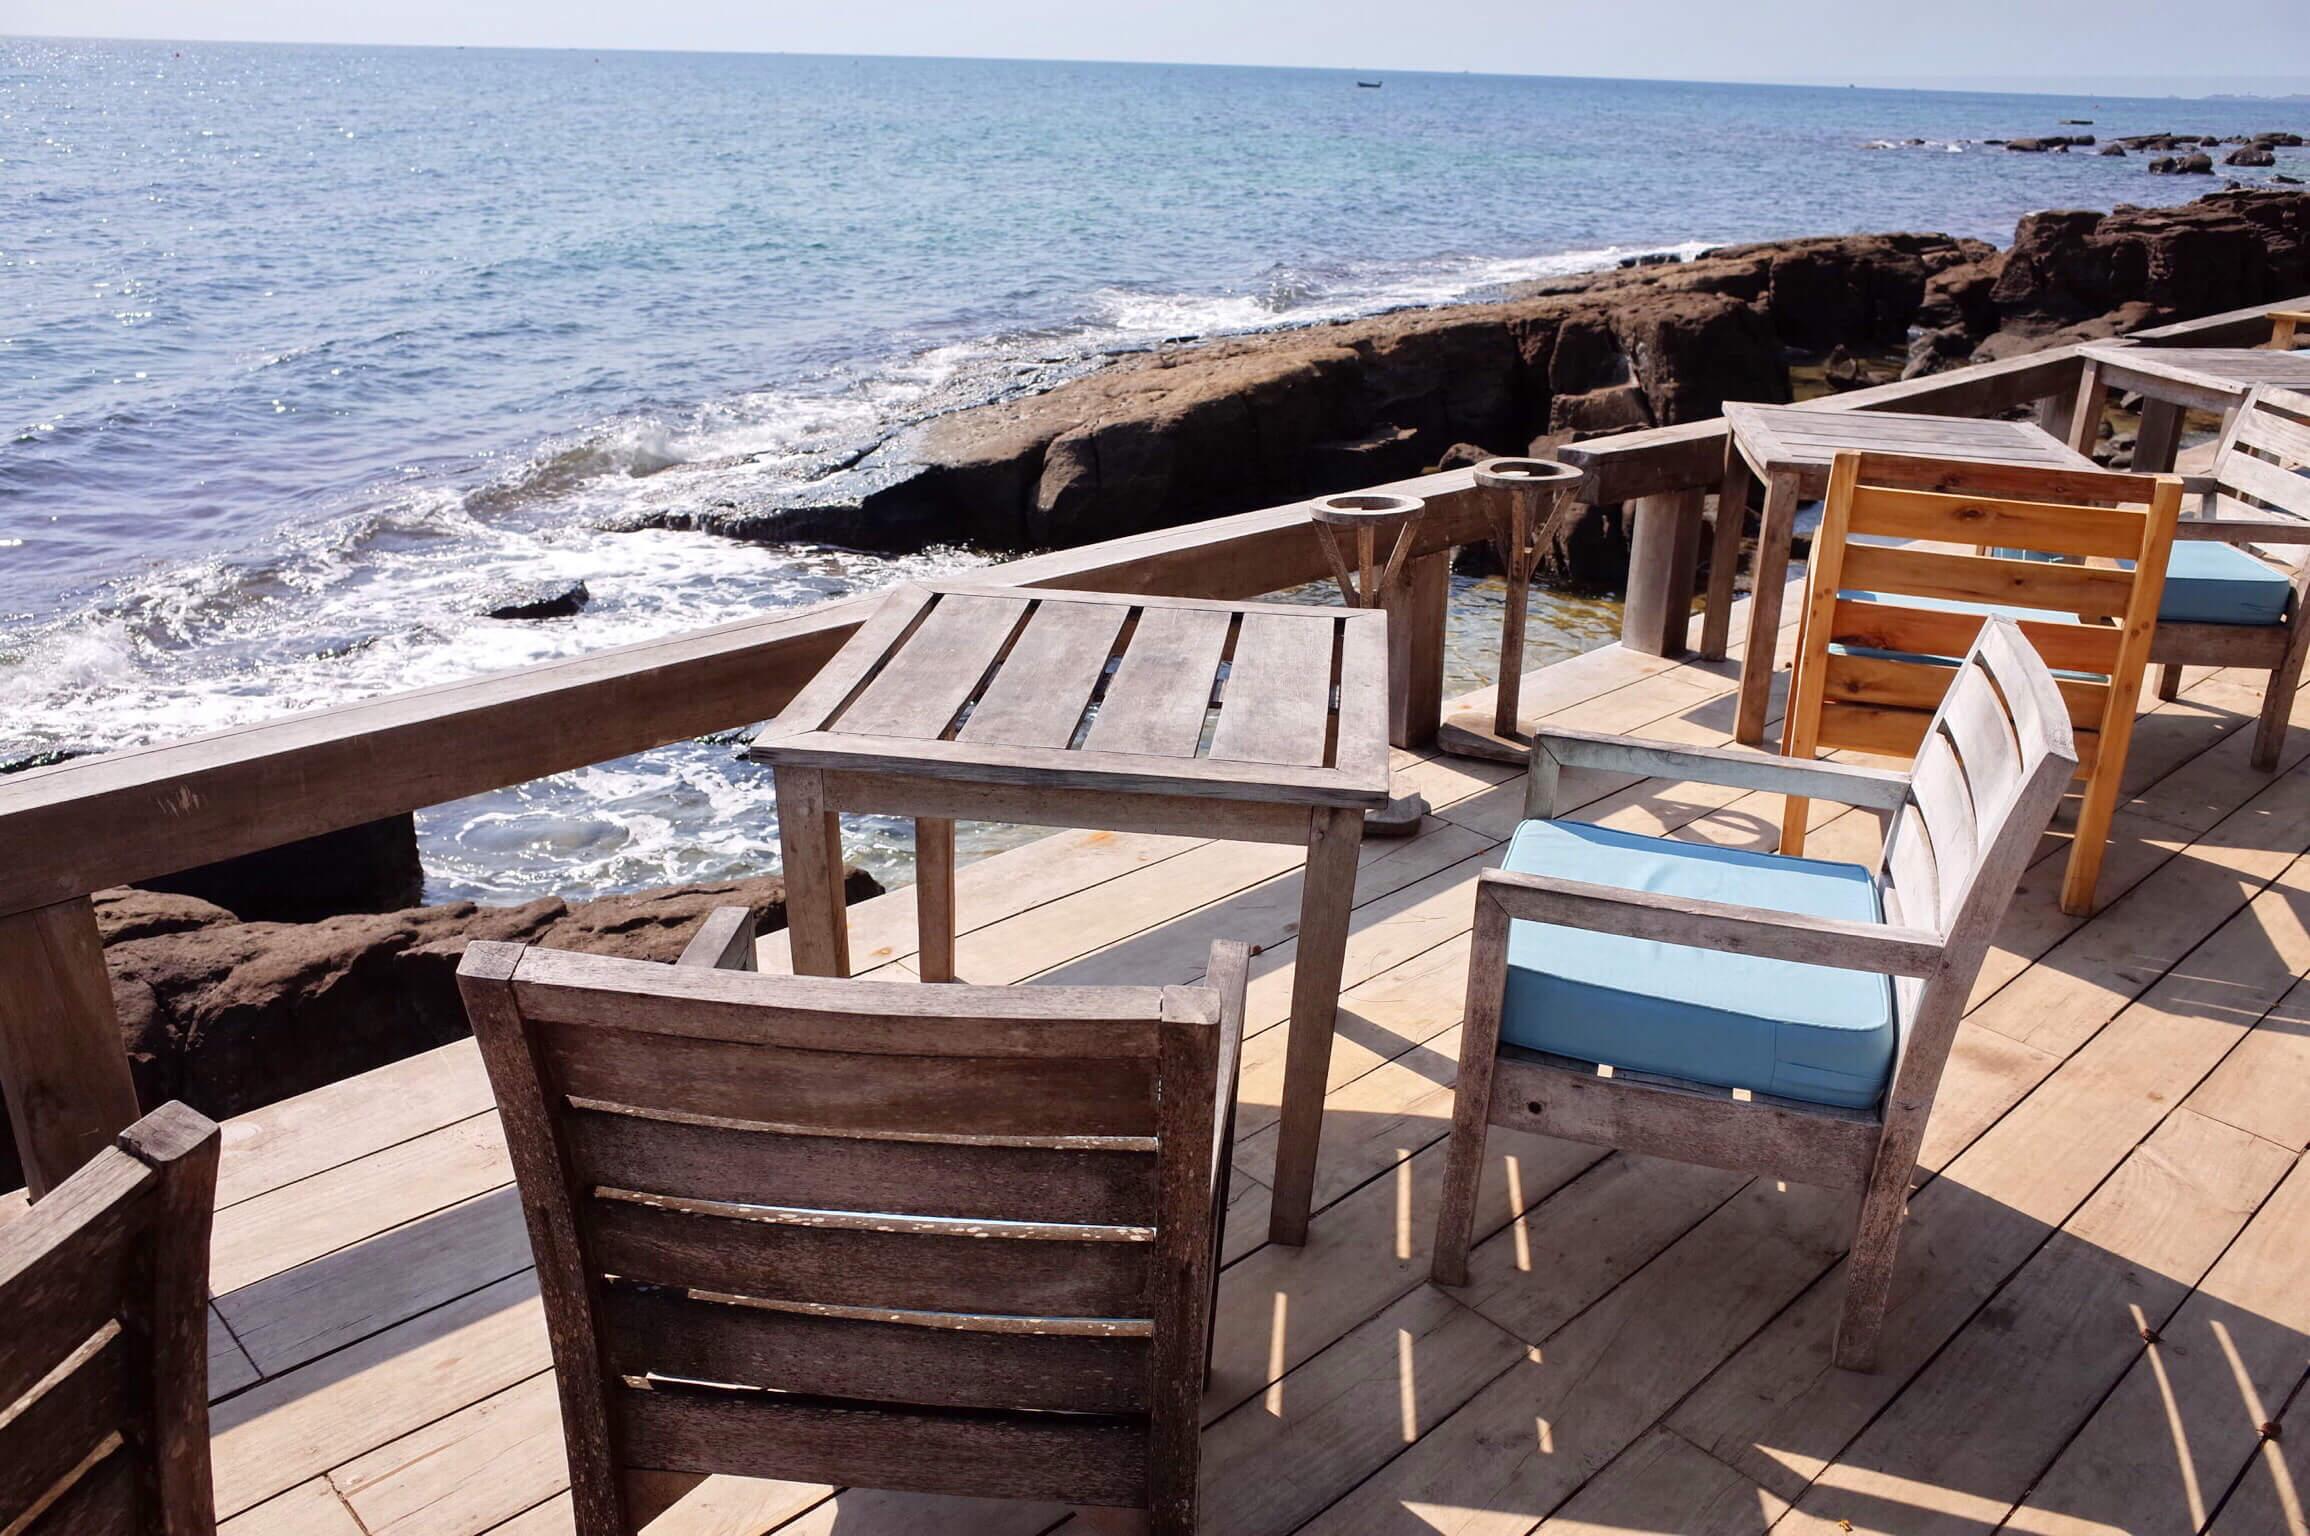 マンゴーベイリゾート | フーコックの海を一番堪能できる絶景レストラン!夕日を見るなら絶対におすすめ!